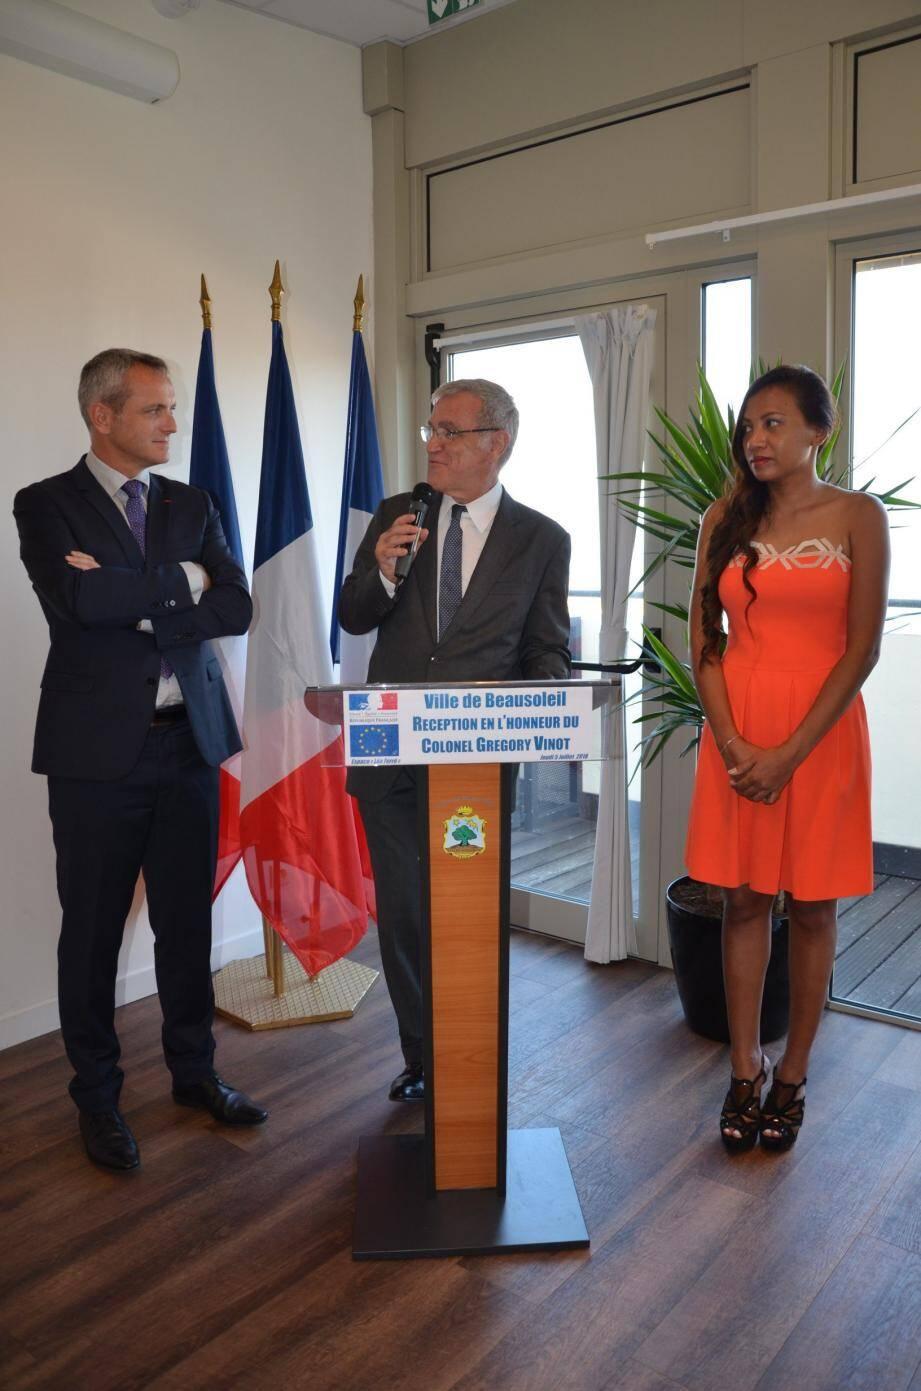 Le colonel Grégory Vinot (à gauche) reçu par le maire Gérard Spinelli et son épouse, ainsi que de nombreux élus.